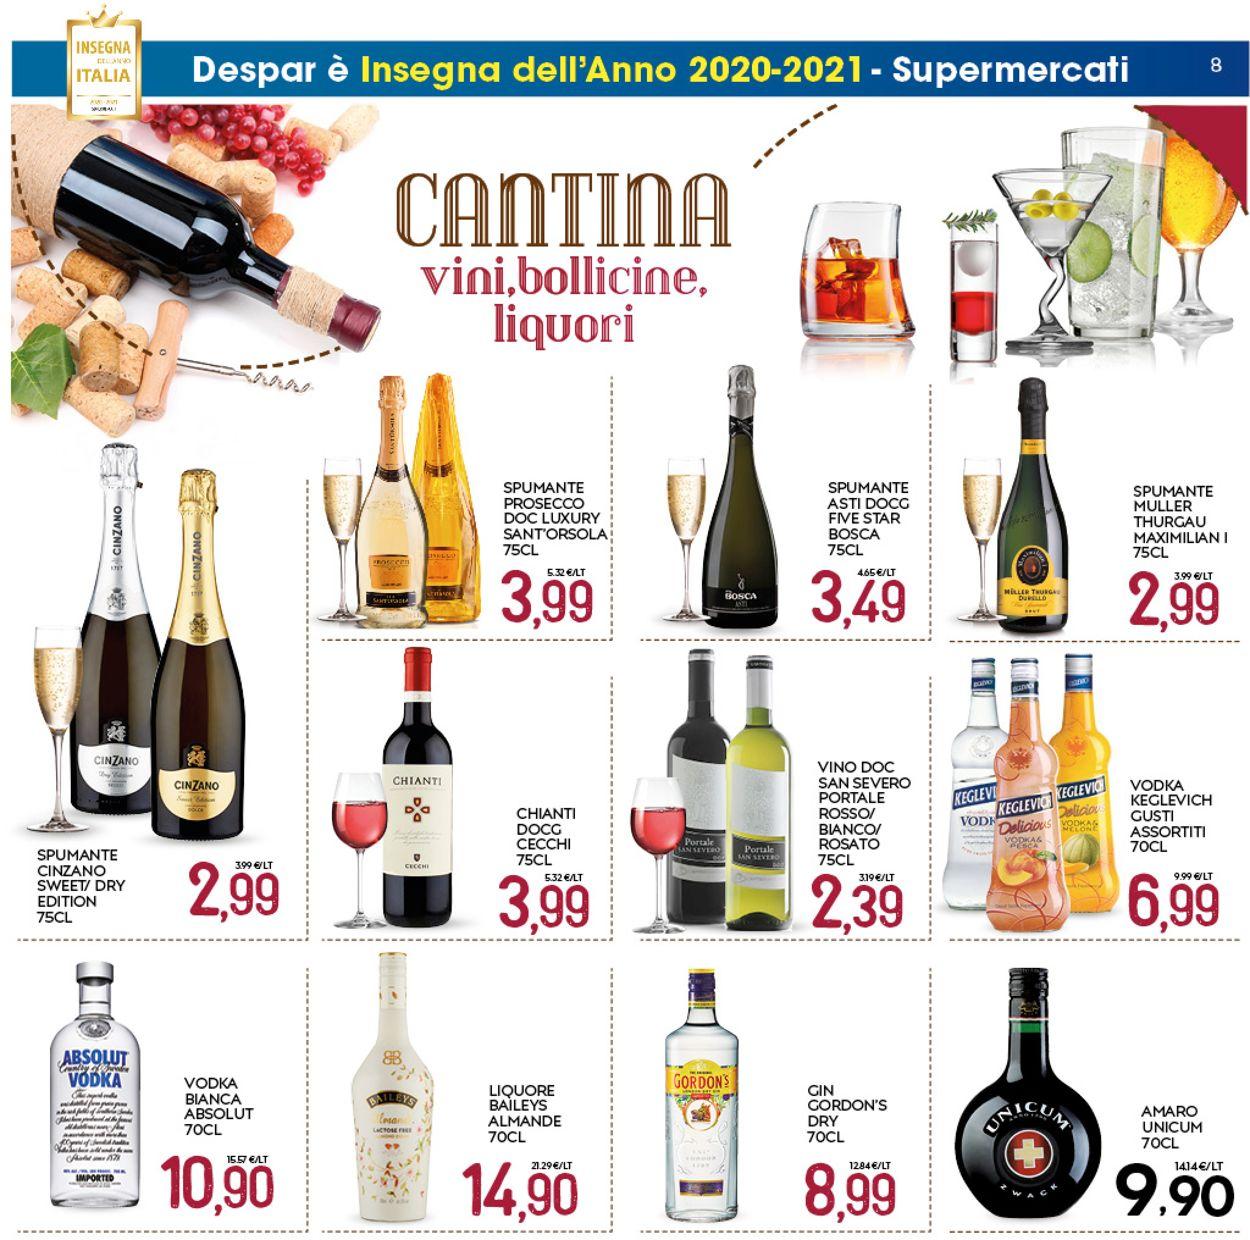 Volantino Interspar -  Capodanno 2021 - Offerte 28/12-06/01/2021 (Pagina 8)